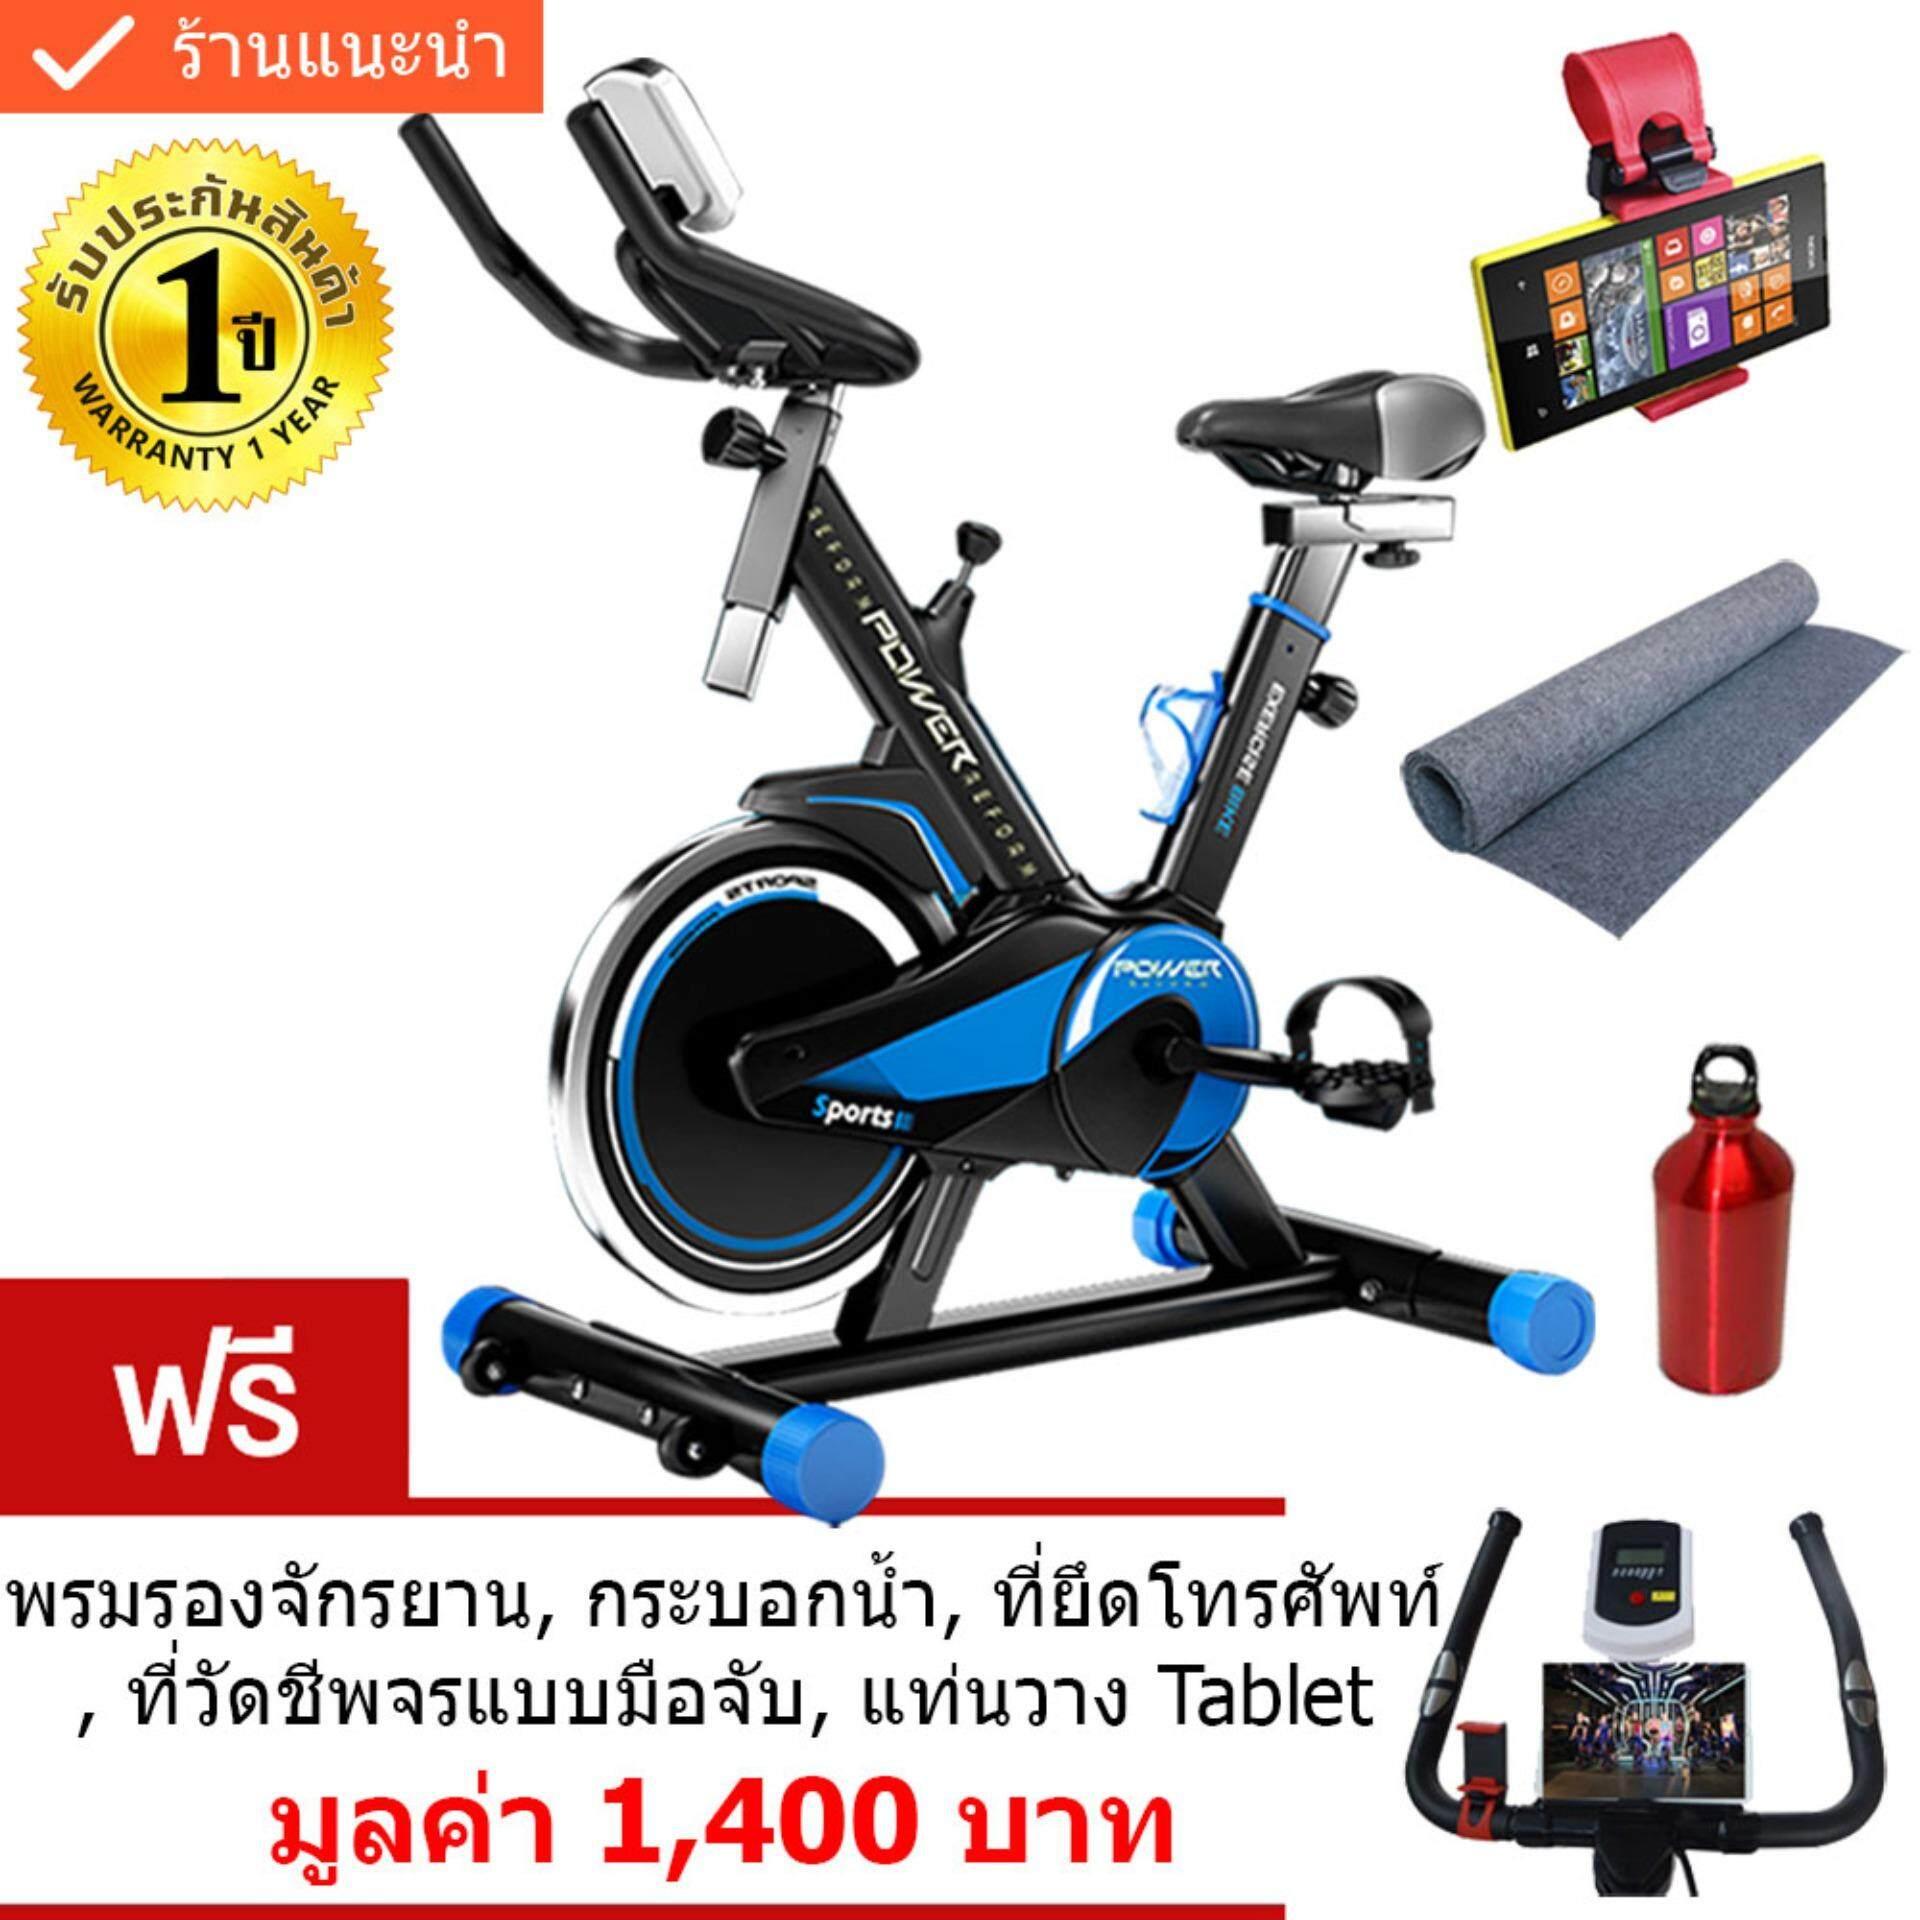 ราคา Power Reform จักรยานออกกำลังกาย Exercise Spin Bike จักรยานฟิตเนส Spinning Bike รุ่น Eagle ฟรี ที่วัดชีพจรมือจับ แท่นวางแทปเล็ต ที่ยึดโทรศัพท์ พรมรอง กระบอกน้ำ Power Reform ใหม่